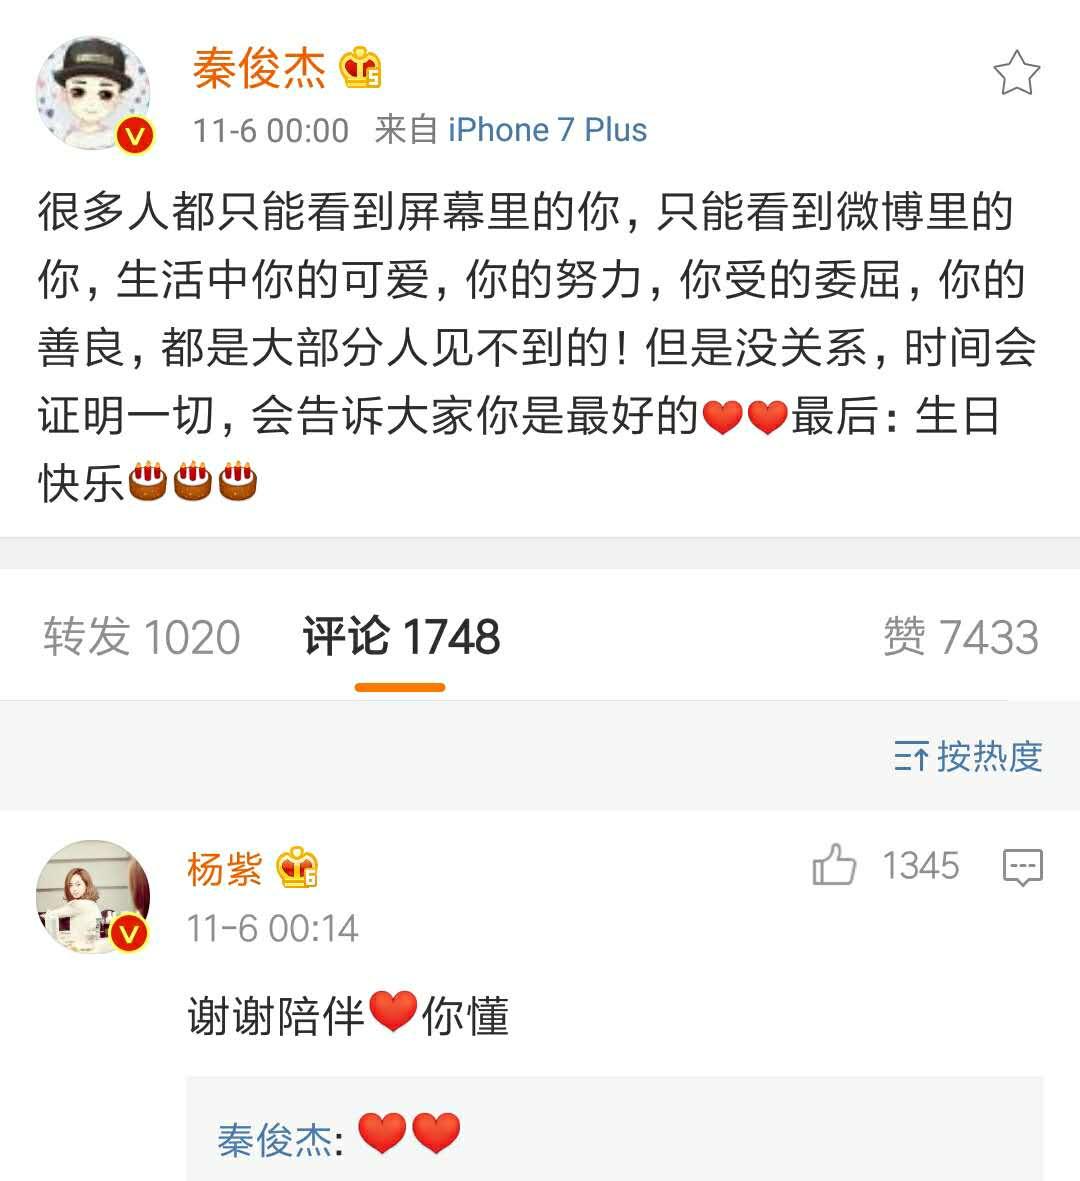 秦俊杰微博告白杨紫:时间会证明你是最好的